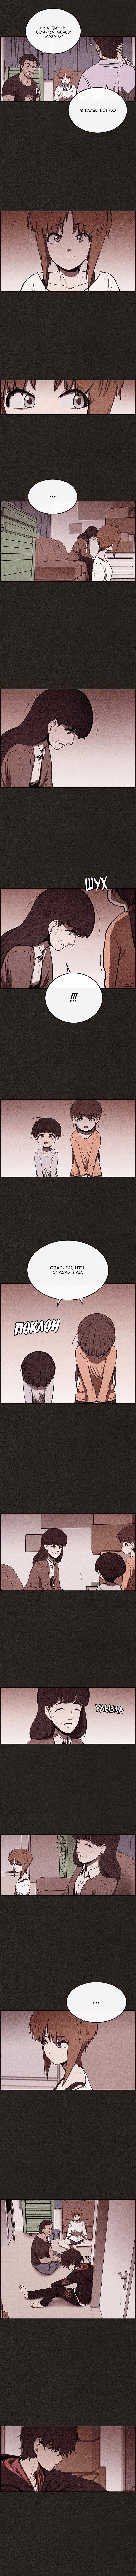 Манга Милый дом / Sweet Home (HWANG Youngchan) - Том 1 Глава 29 Страница 5